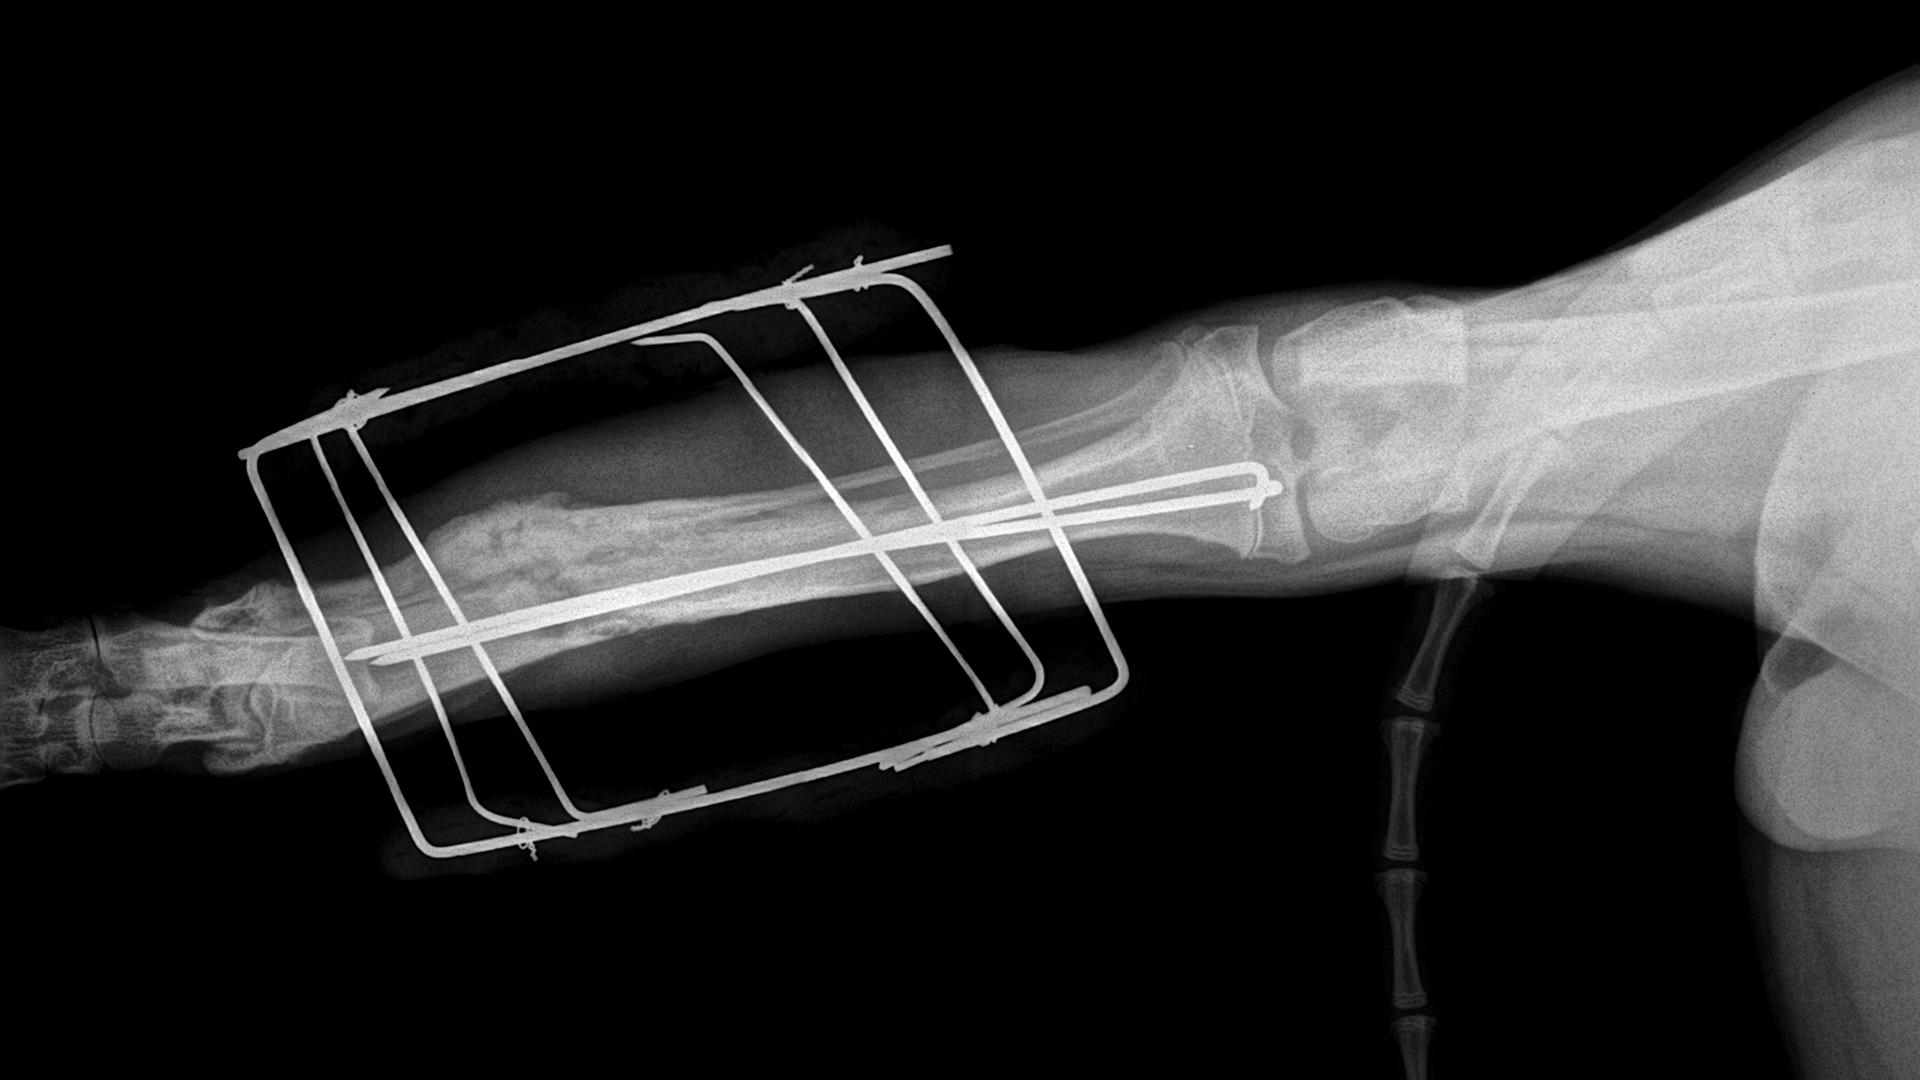 Csonttörés - Mátyás Állatorvos Központ